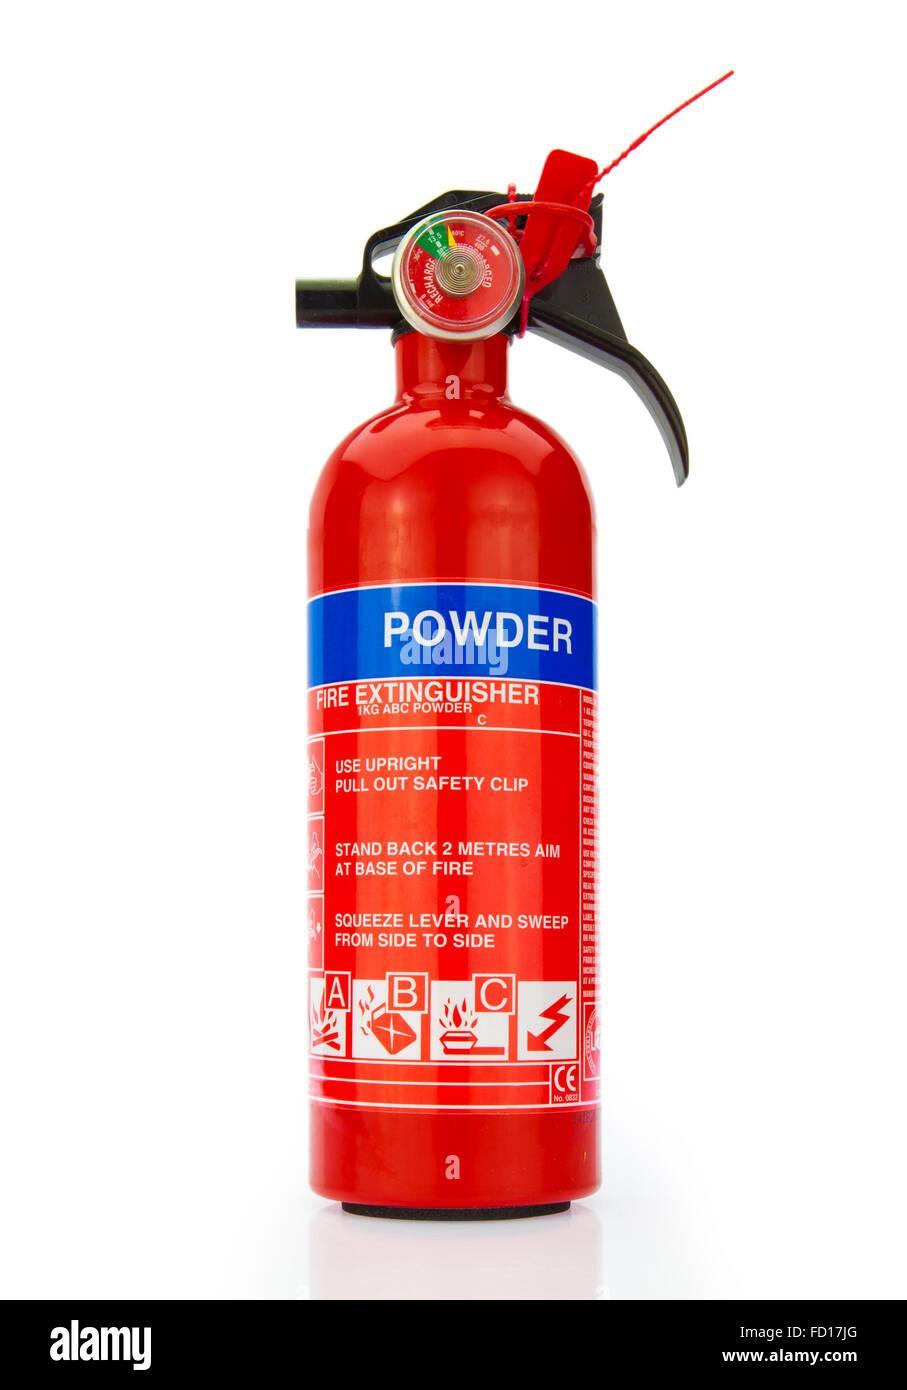 Fire extinguisher isolated on white background - Stock Image